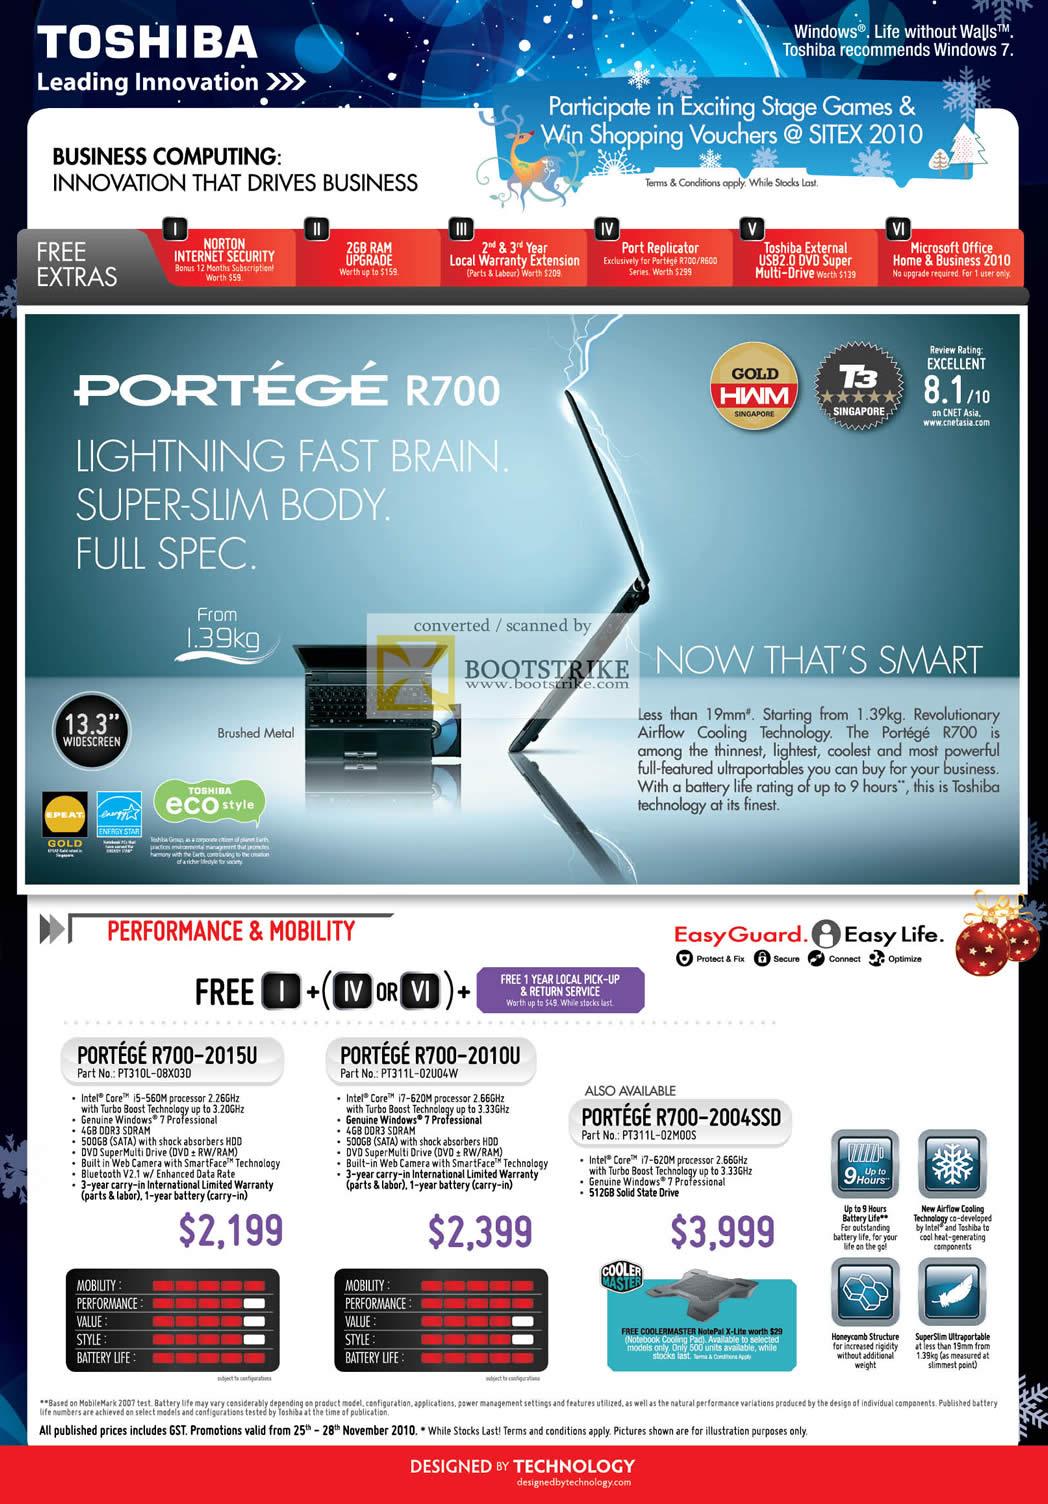 Sitex 2010 price list image brochure of Toshiba Notebooks Portege R700 2015U 2010U 2004SSD